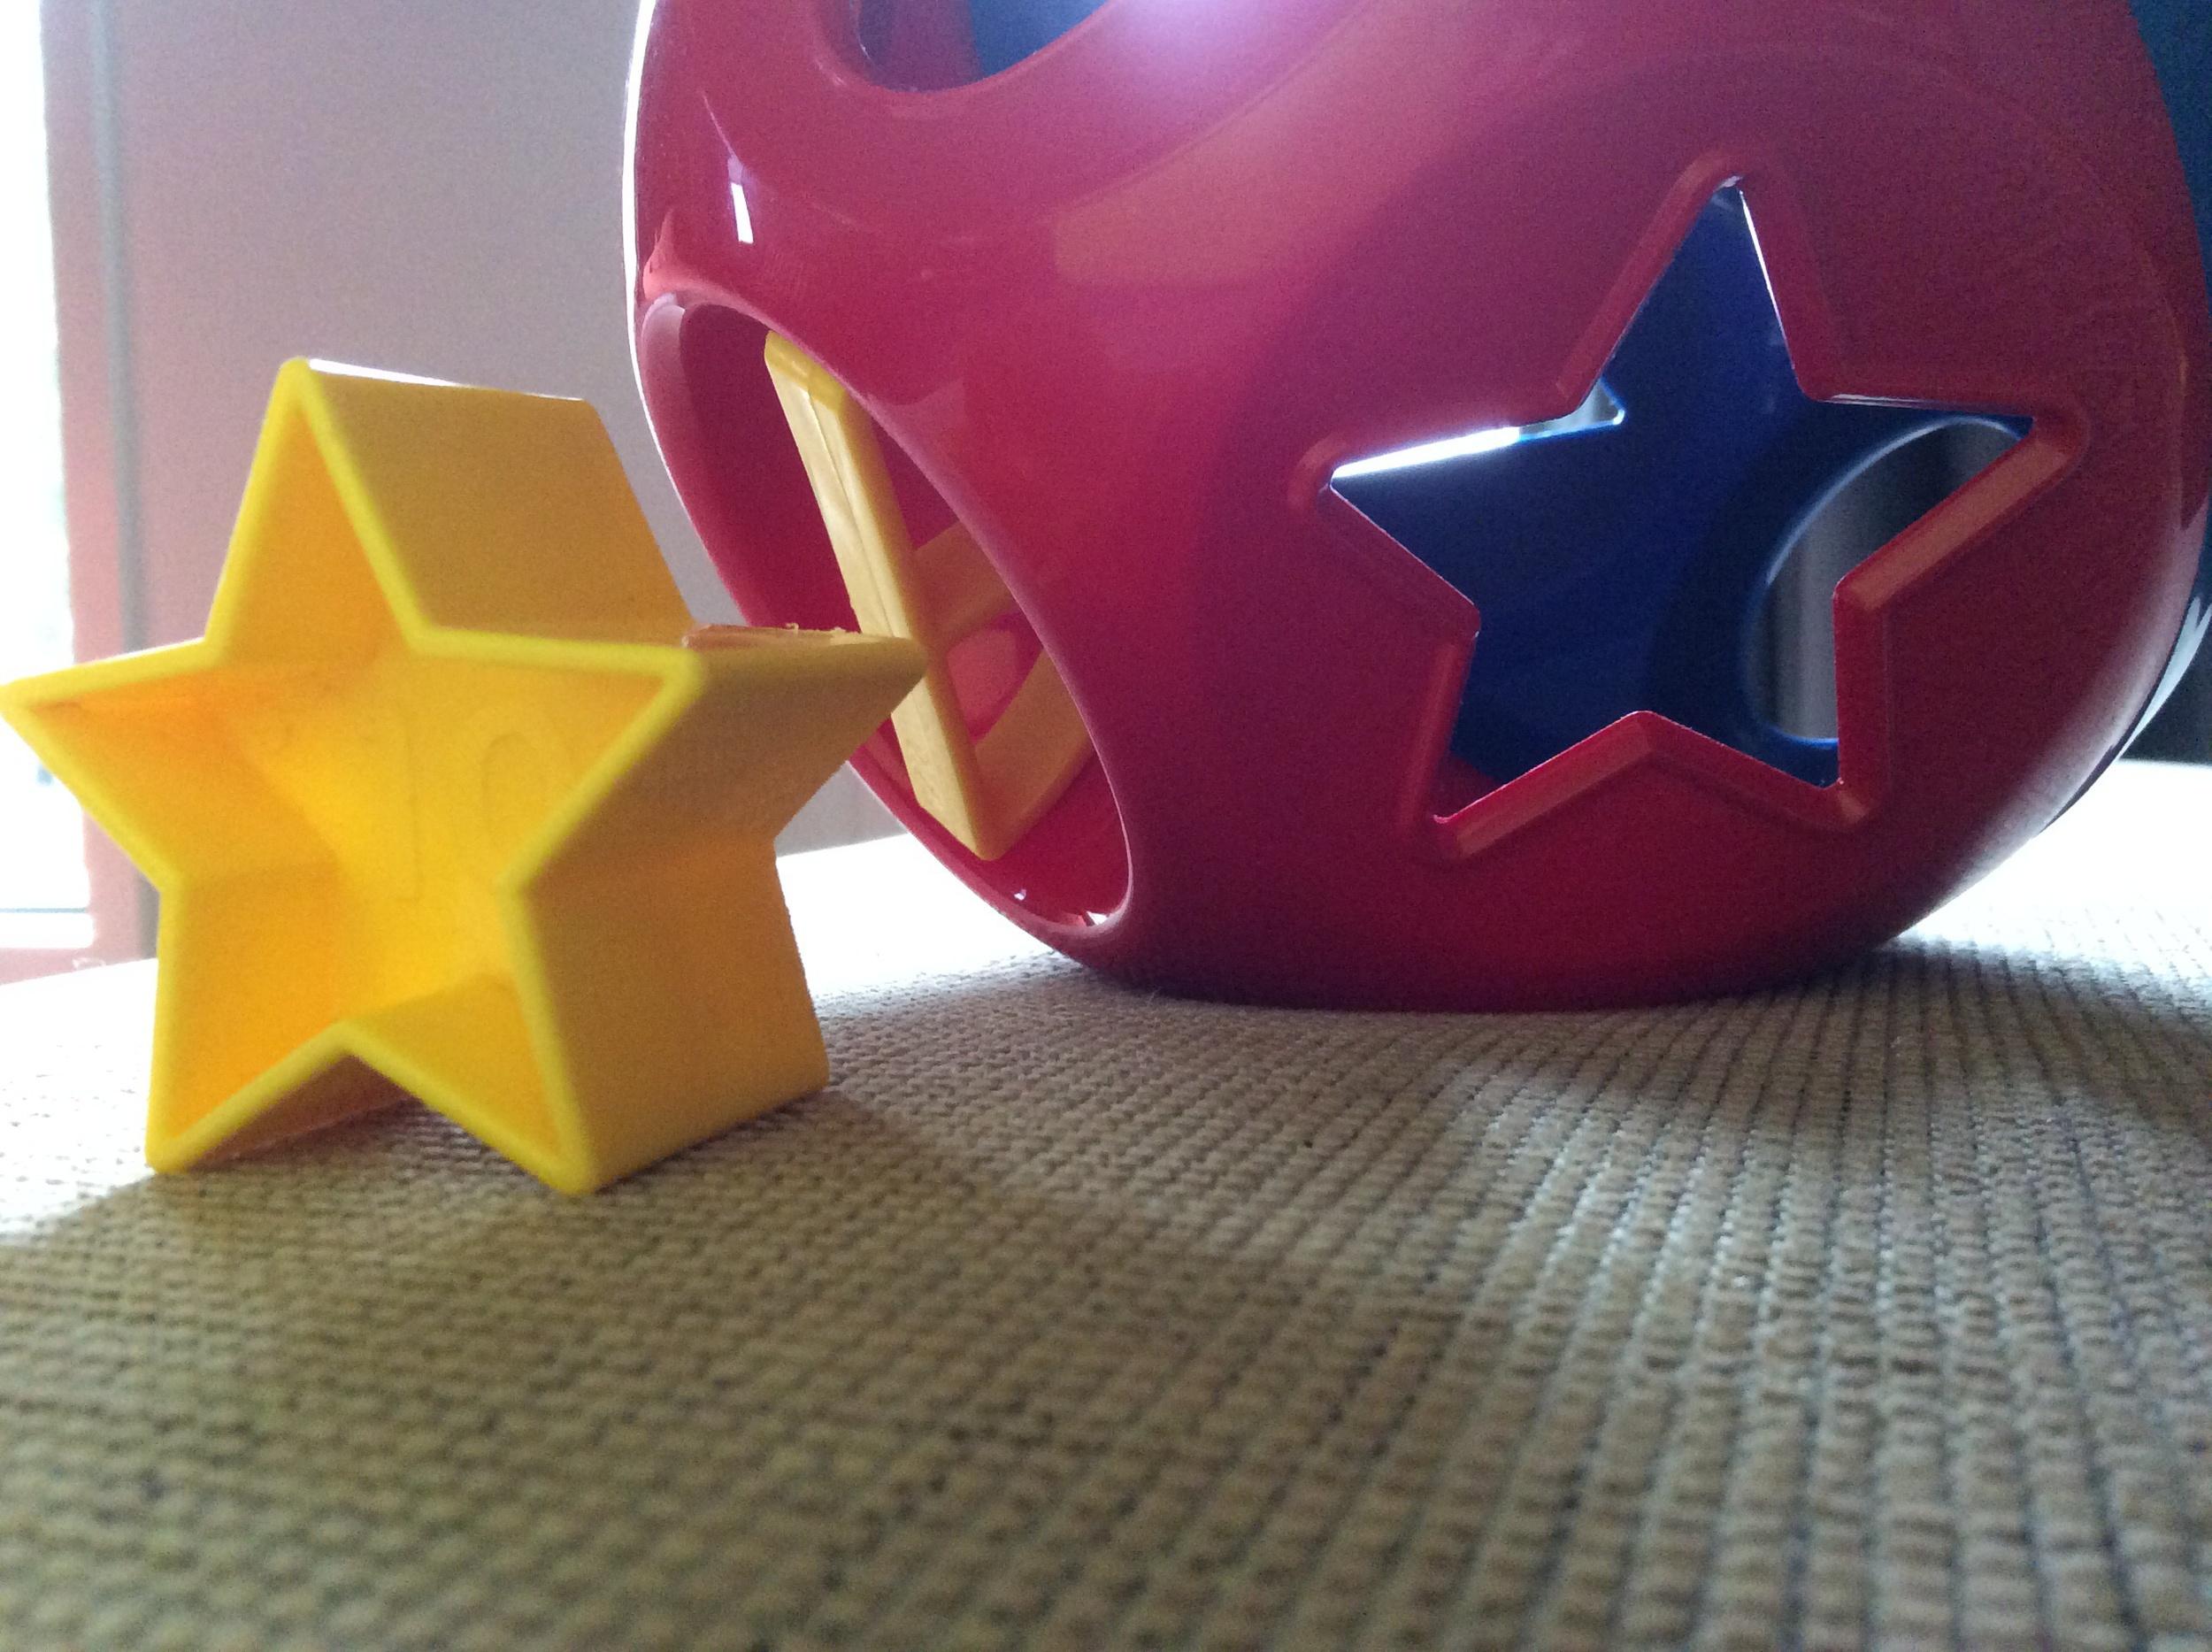 I'm a Star shape!